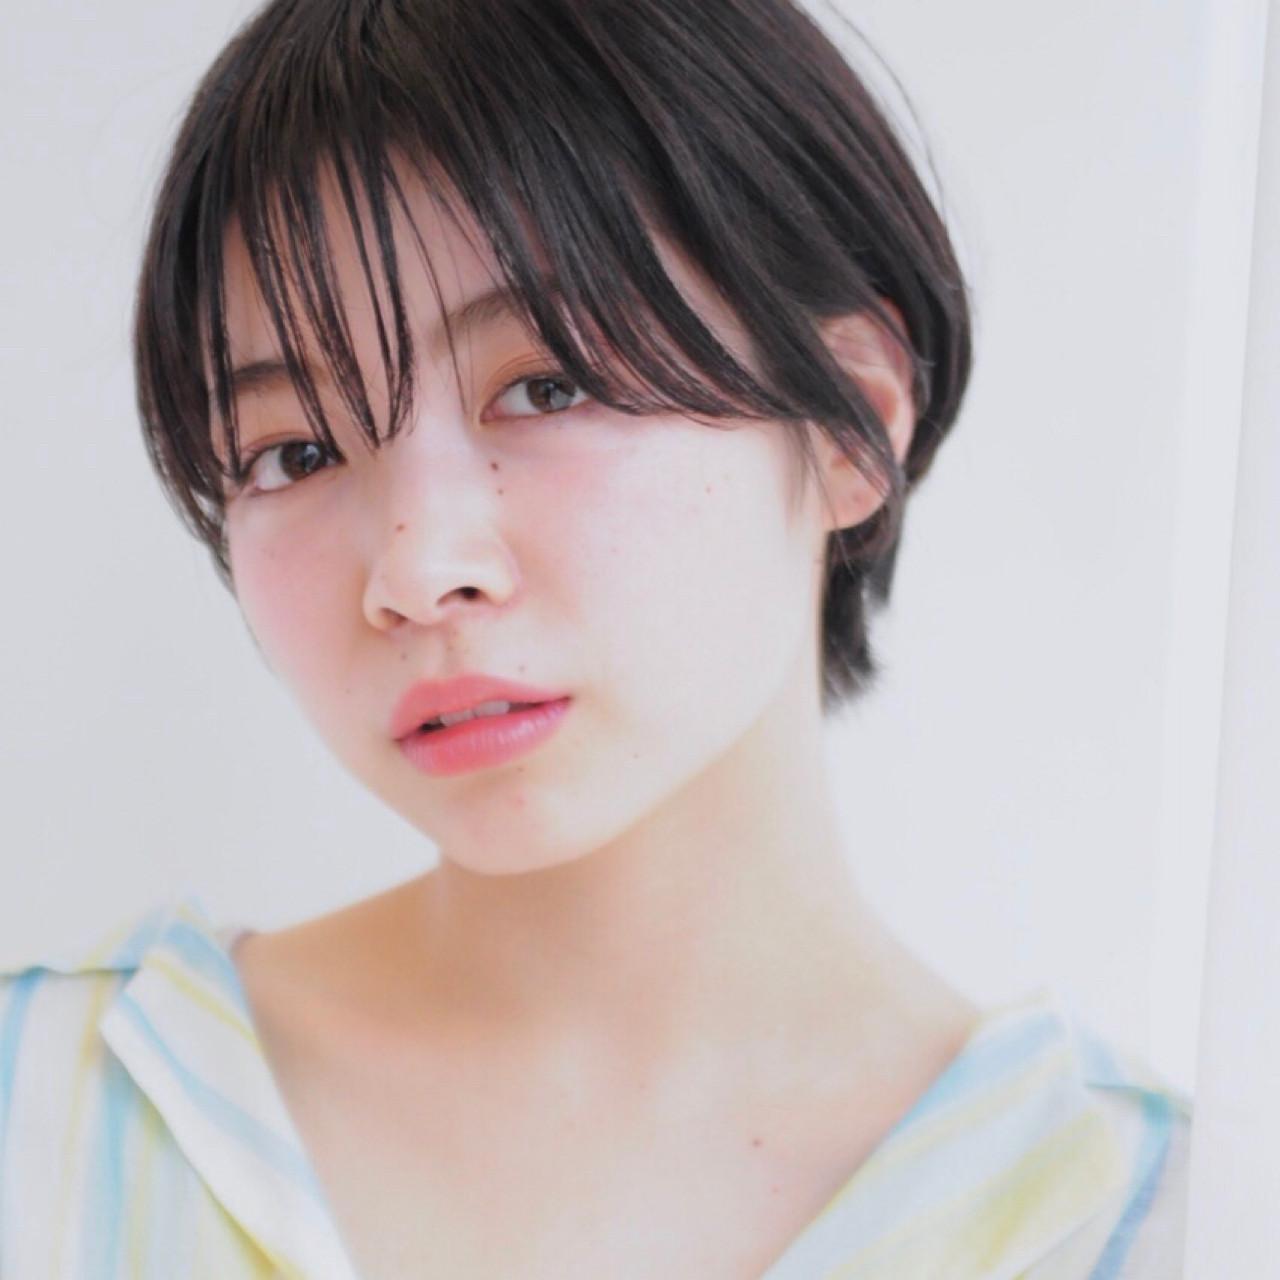 マッシュショート ナチュラル ショート マッシュ ヘアスタイルや髪型の写真・画像   小走 祥菜 / tricca daikanyama